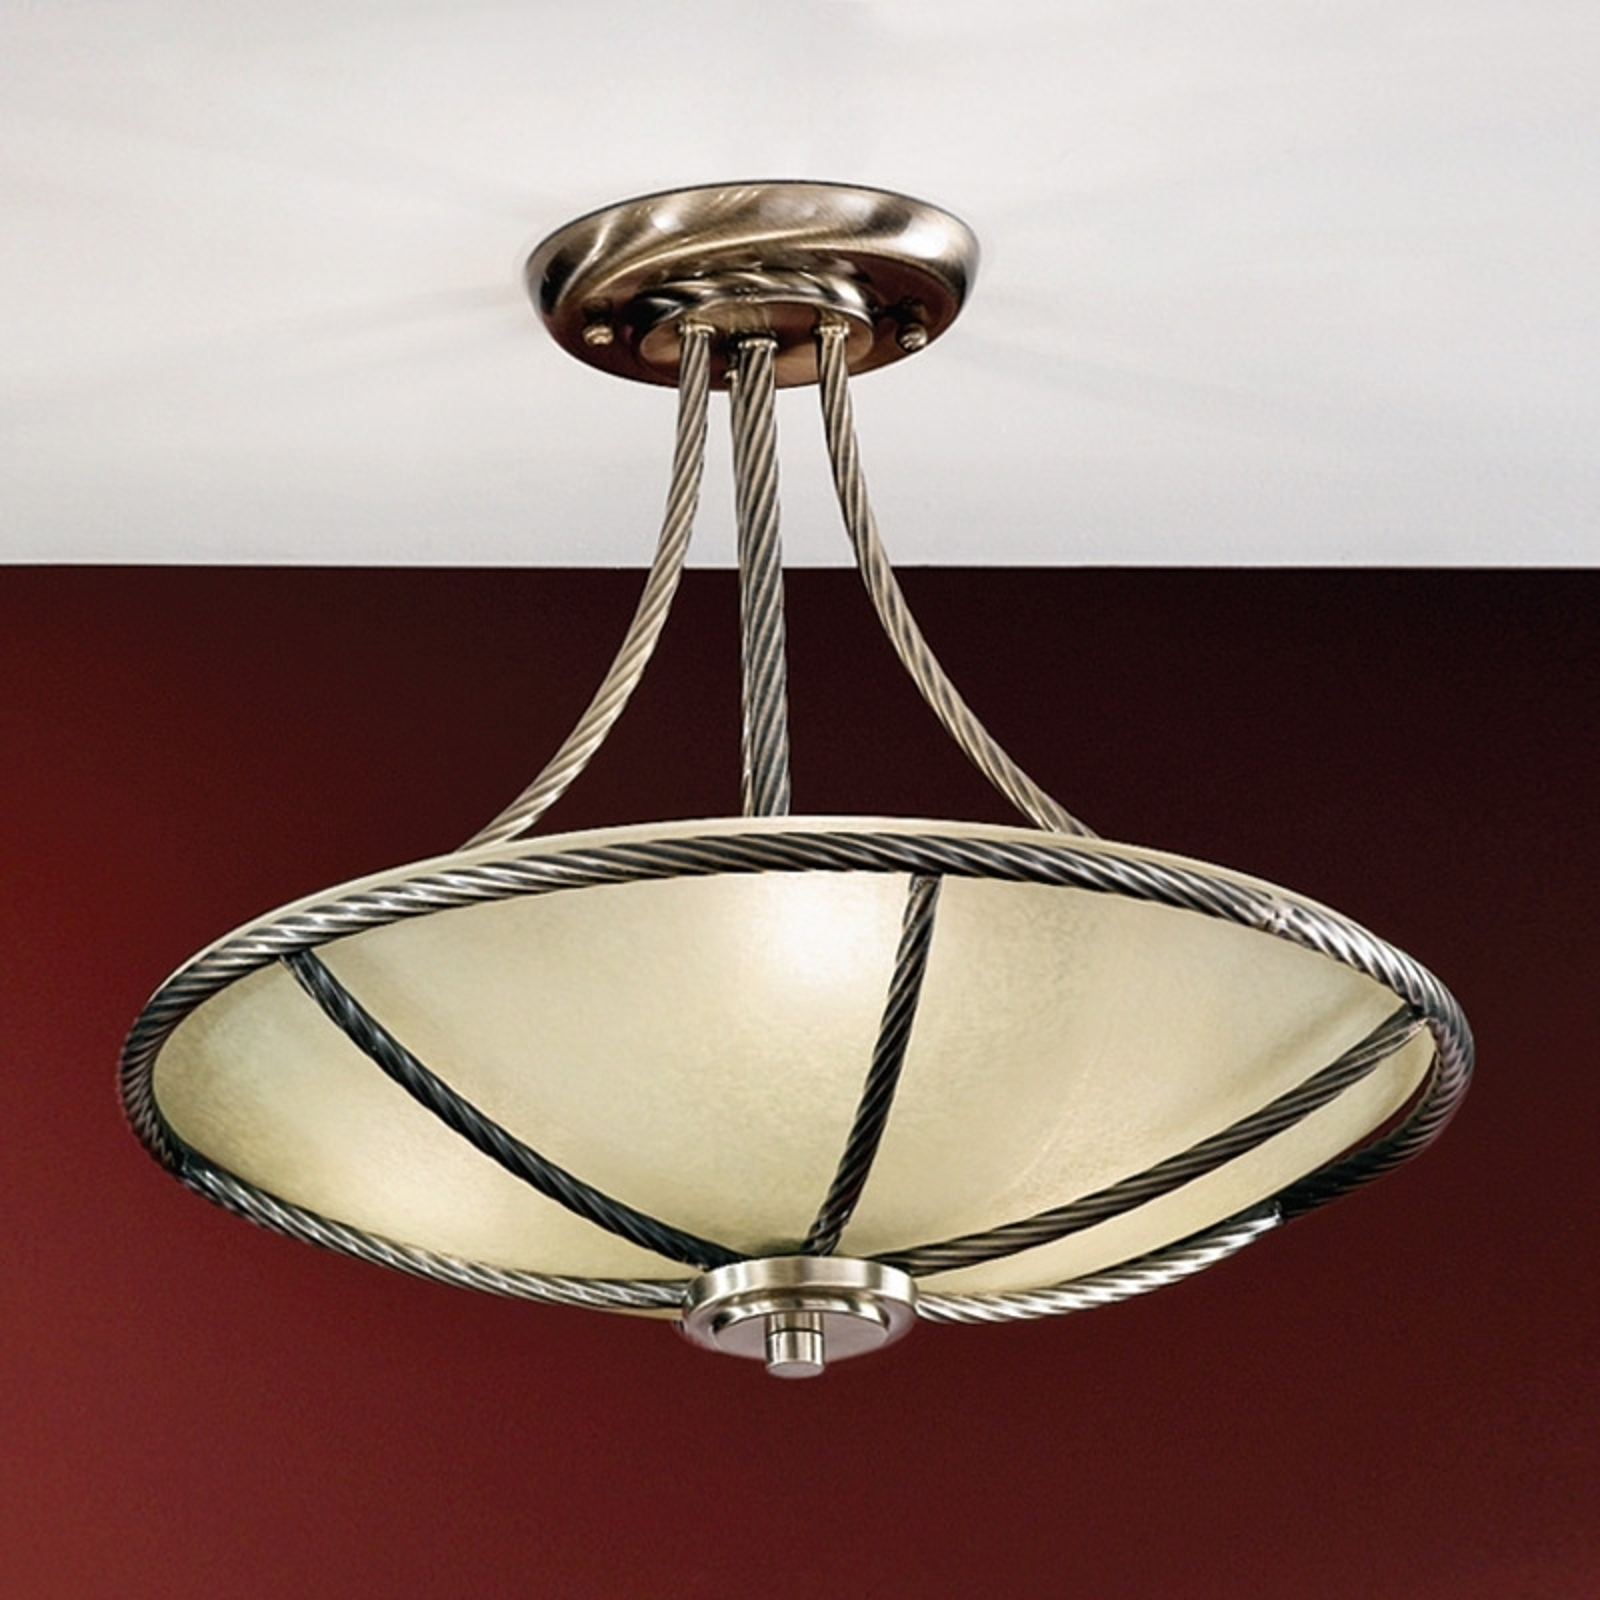 Lampa sufitowa Galina o efektownym kształcie